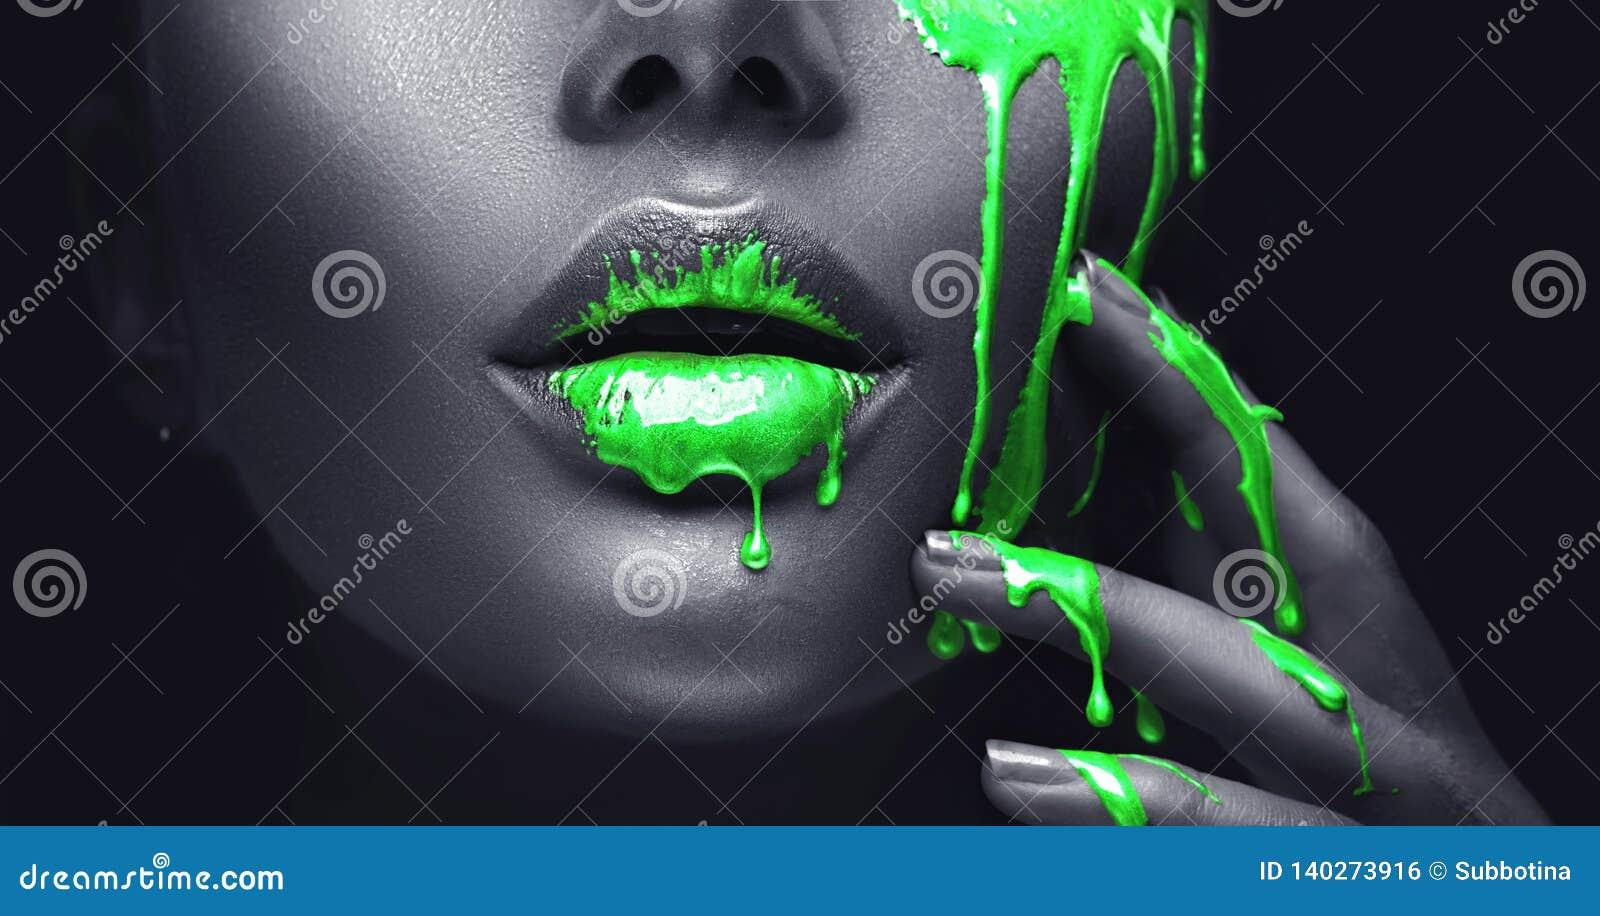 Grüne Neonfarbe befleckt Tropfenfänger von den Gesichtslippen und von der Hand, grüne flüssige Tropfen auf schönem vorbildlichem